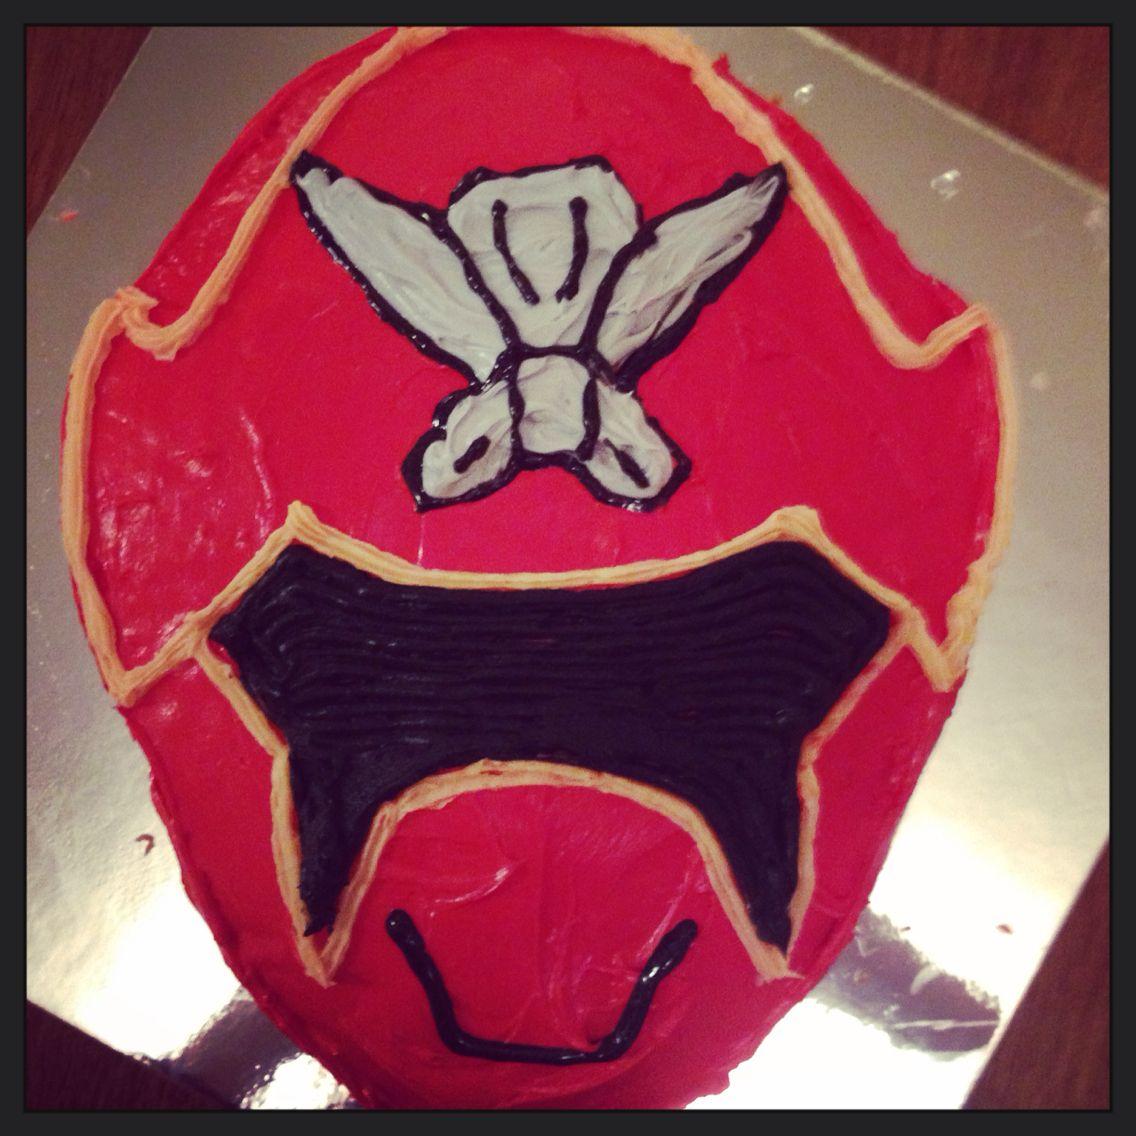 Super mega force power ranger cake